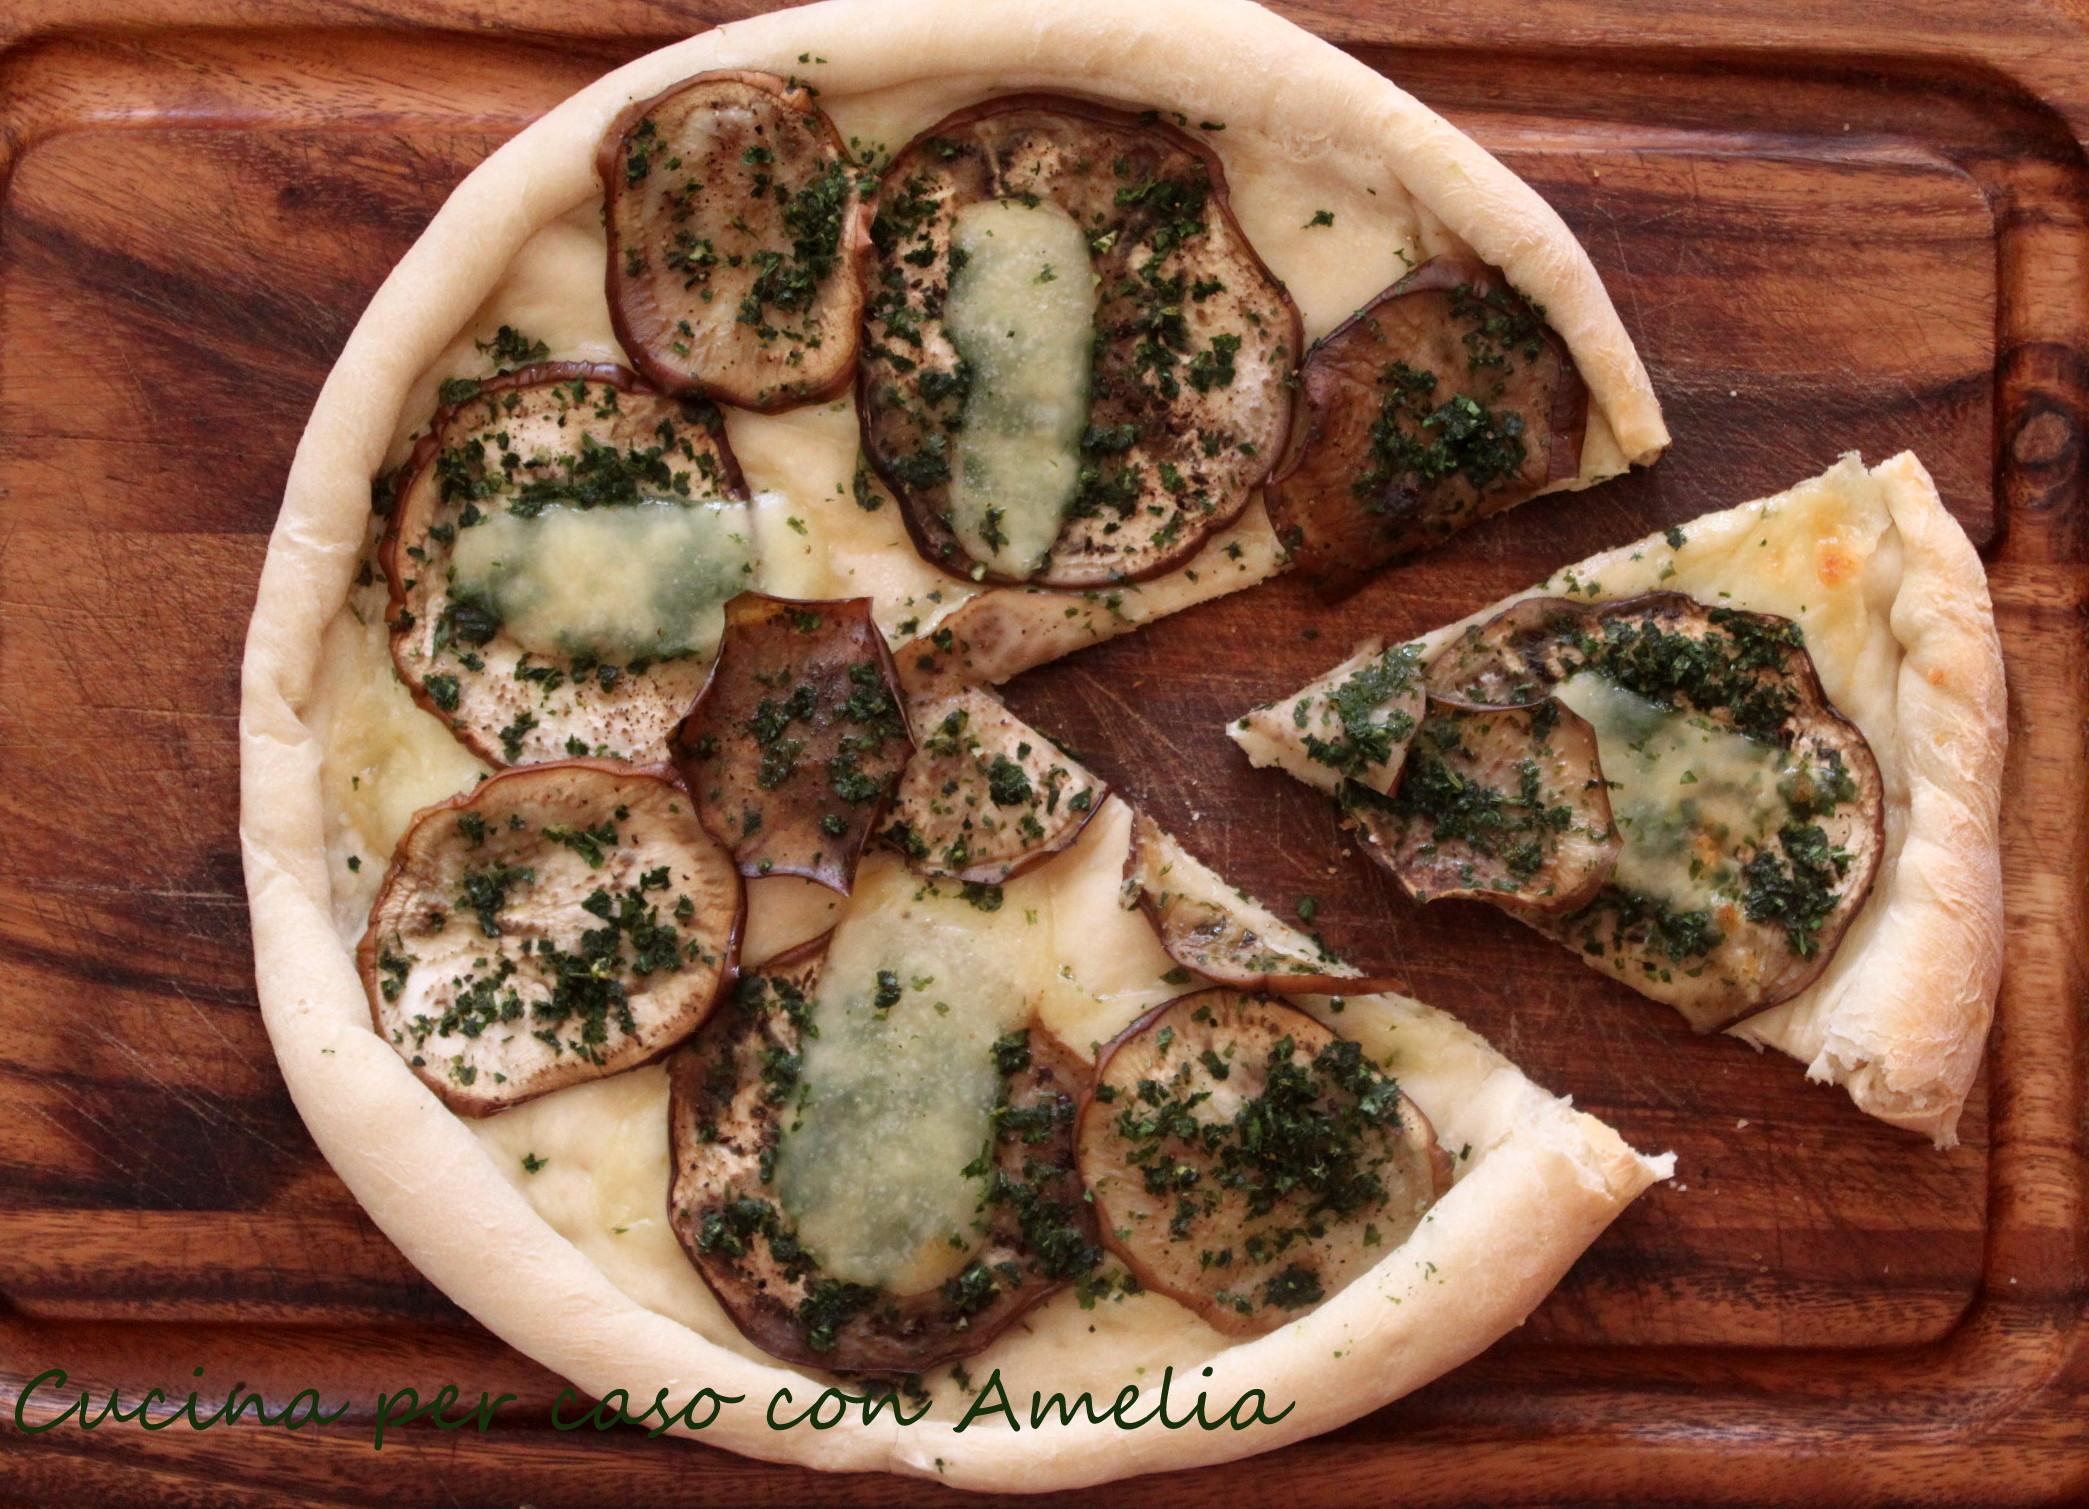 Pizza bianca alle melanzane, ricetta - Cucina per caso con Amelia